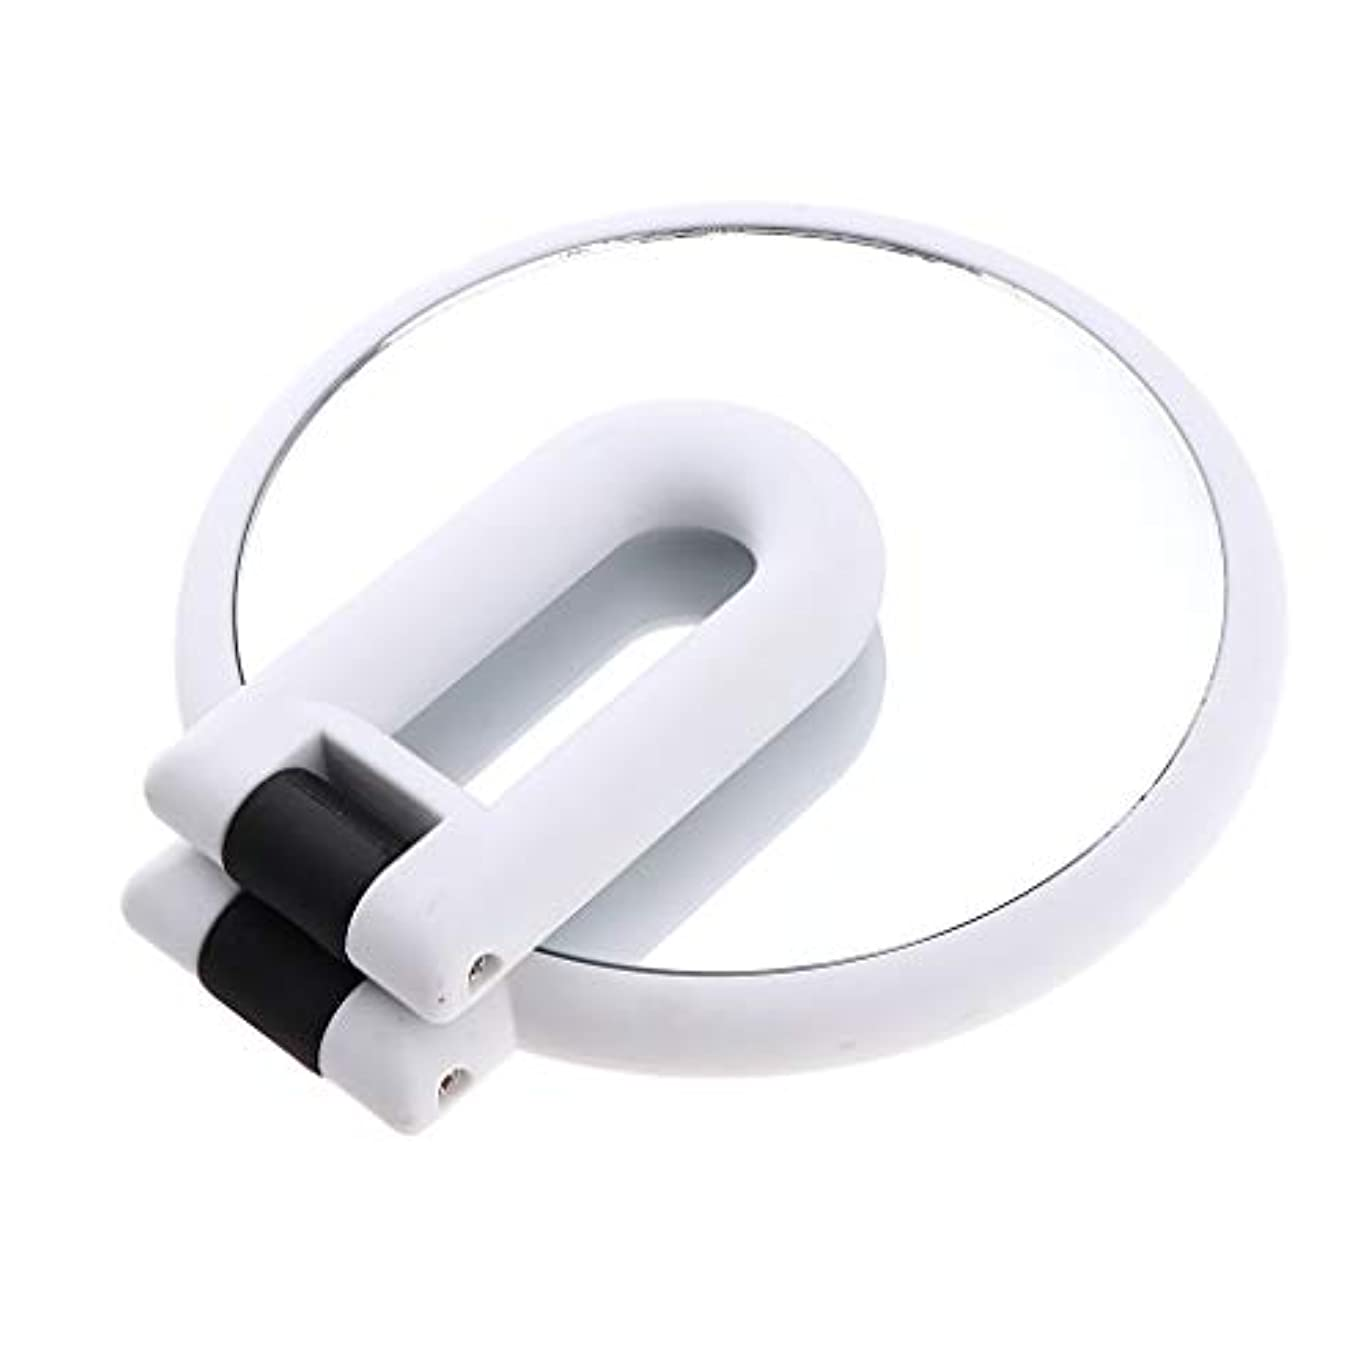 分析的削る溶接化粧鏡 ラウンド ハンドヘルド 両面化粧鏡 拡大鏡 5仕様選べ - 15倍